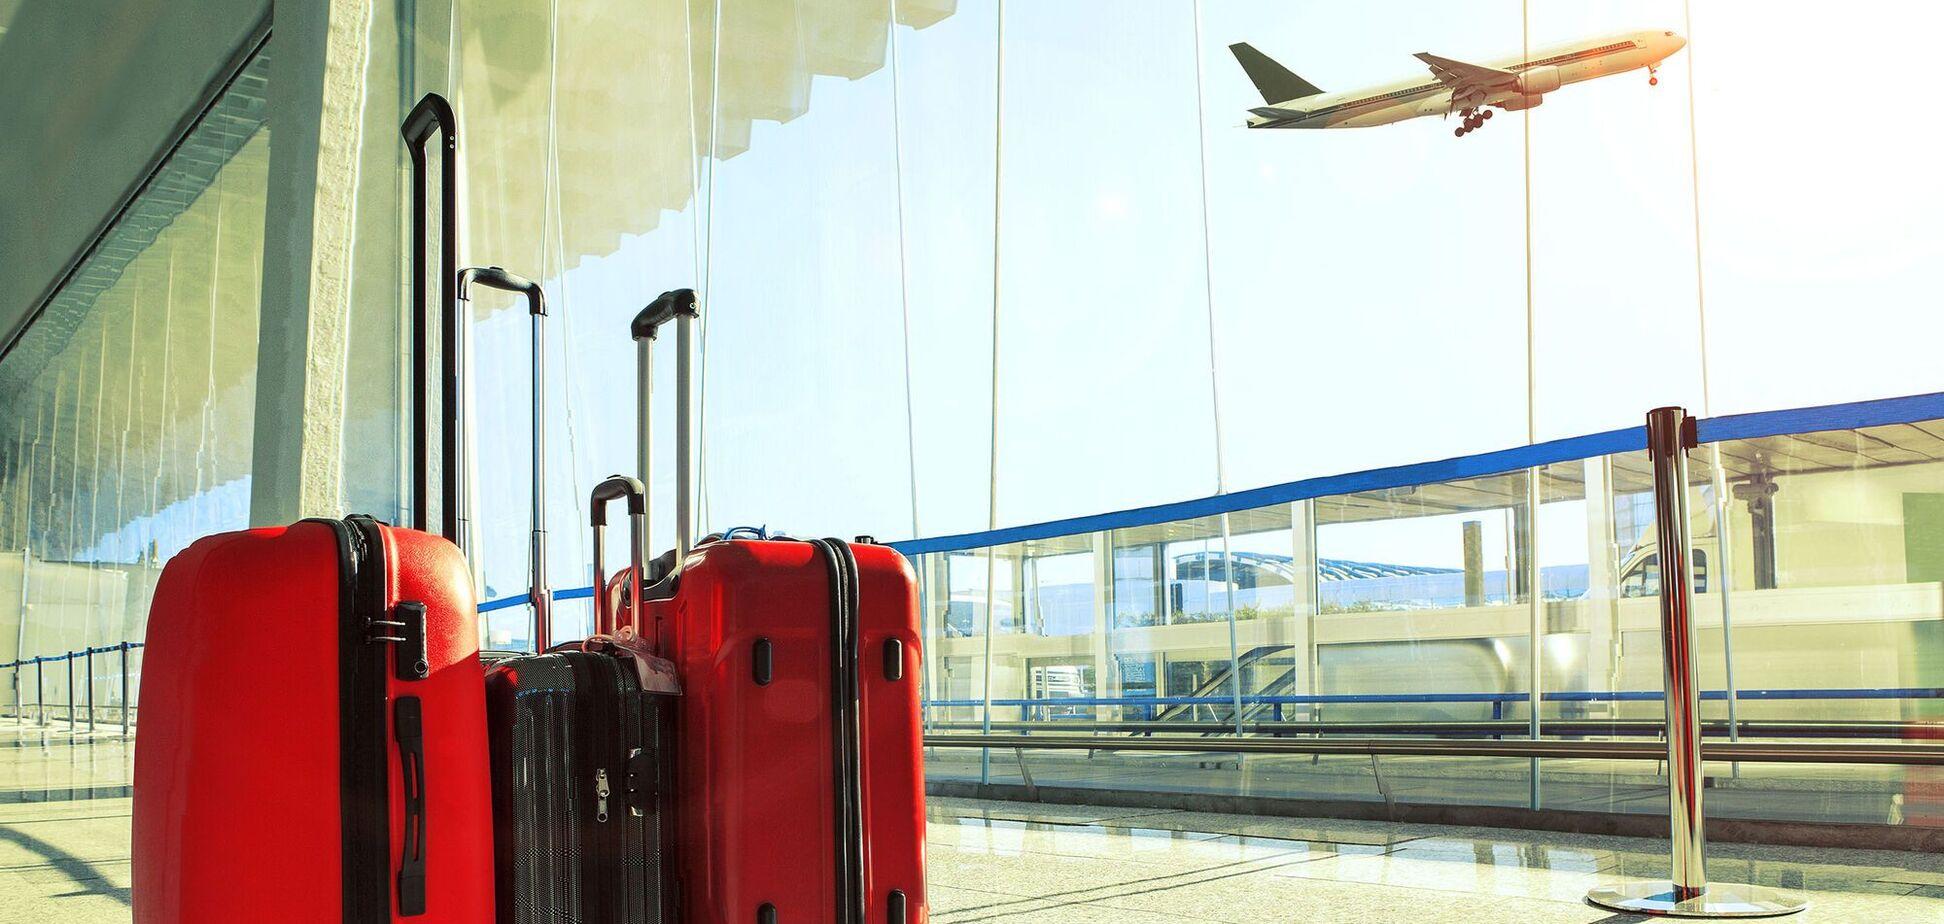 Назван легкий способ уменьшить вес чемодана. biletik.aero